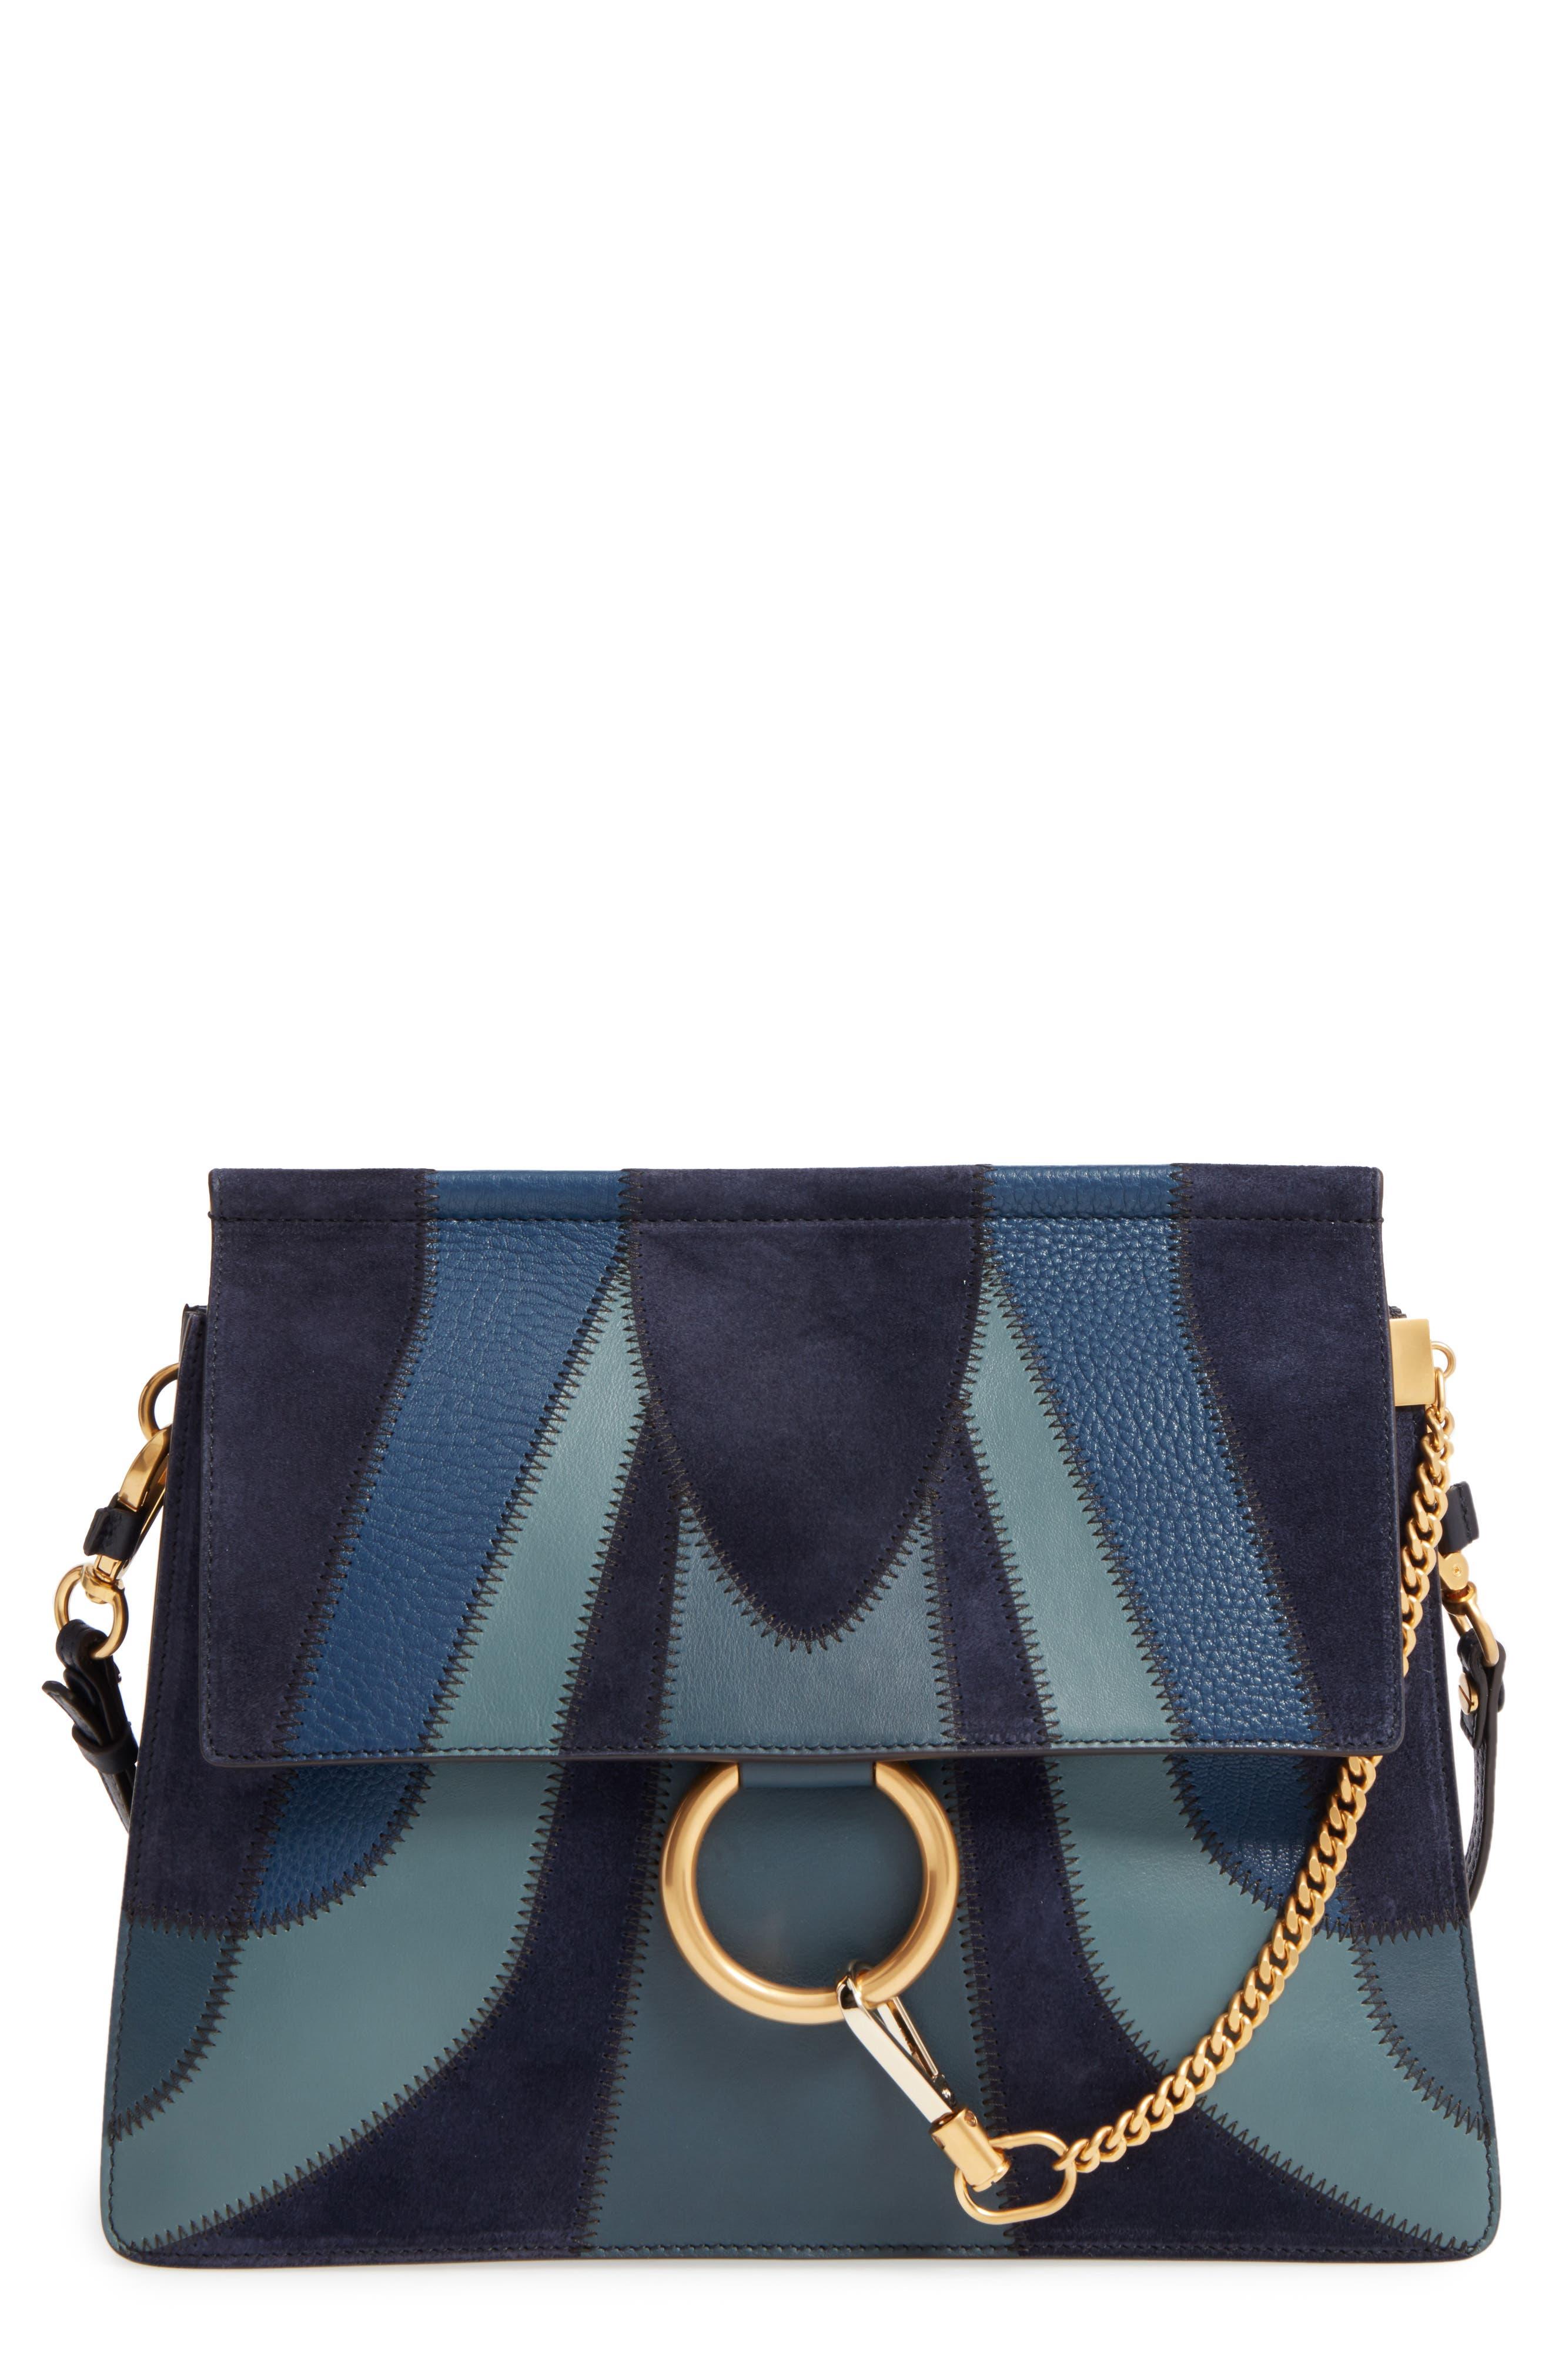 Alternate Image 1 Selected - Chloé Medium Faye Patchwork Leather Shoulder Bag